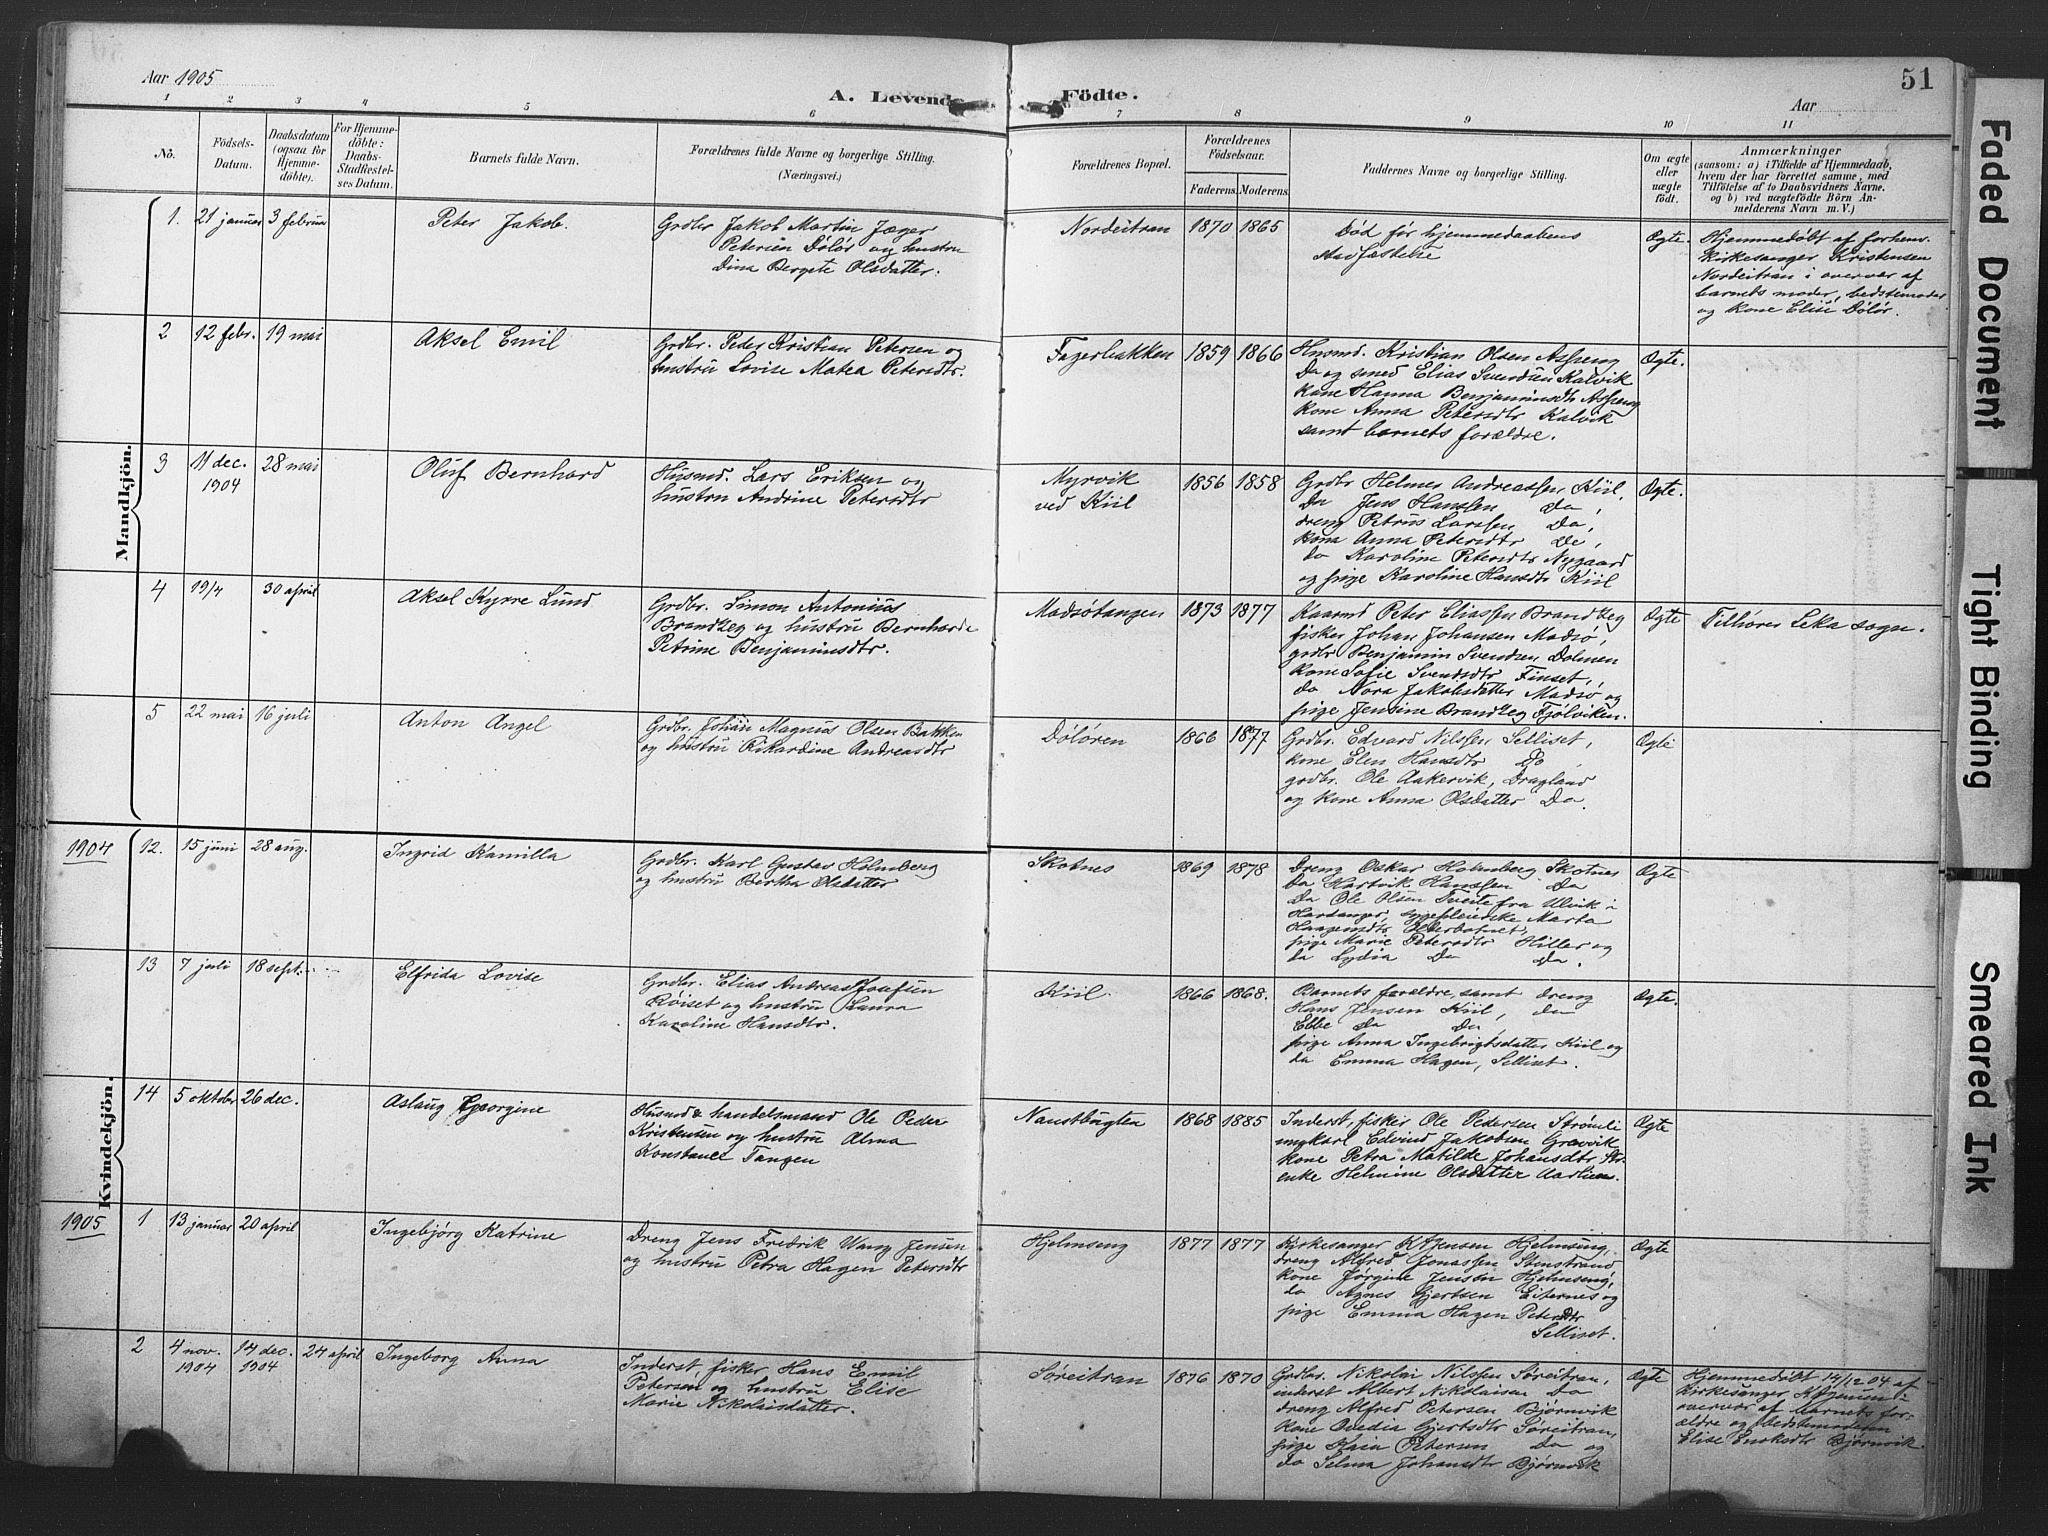 SAT, Ministerialprotokoller, klokkerbøker og fødselsregistre - Nord-Trøndelag, 789/L0706: Klokkerbok nr. 789C01, 1888-1931, s. 51